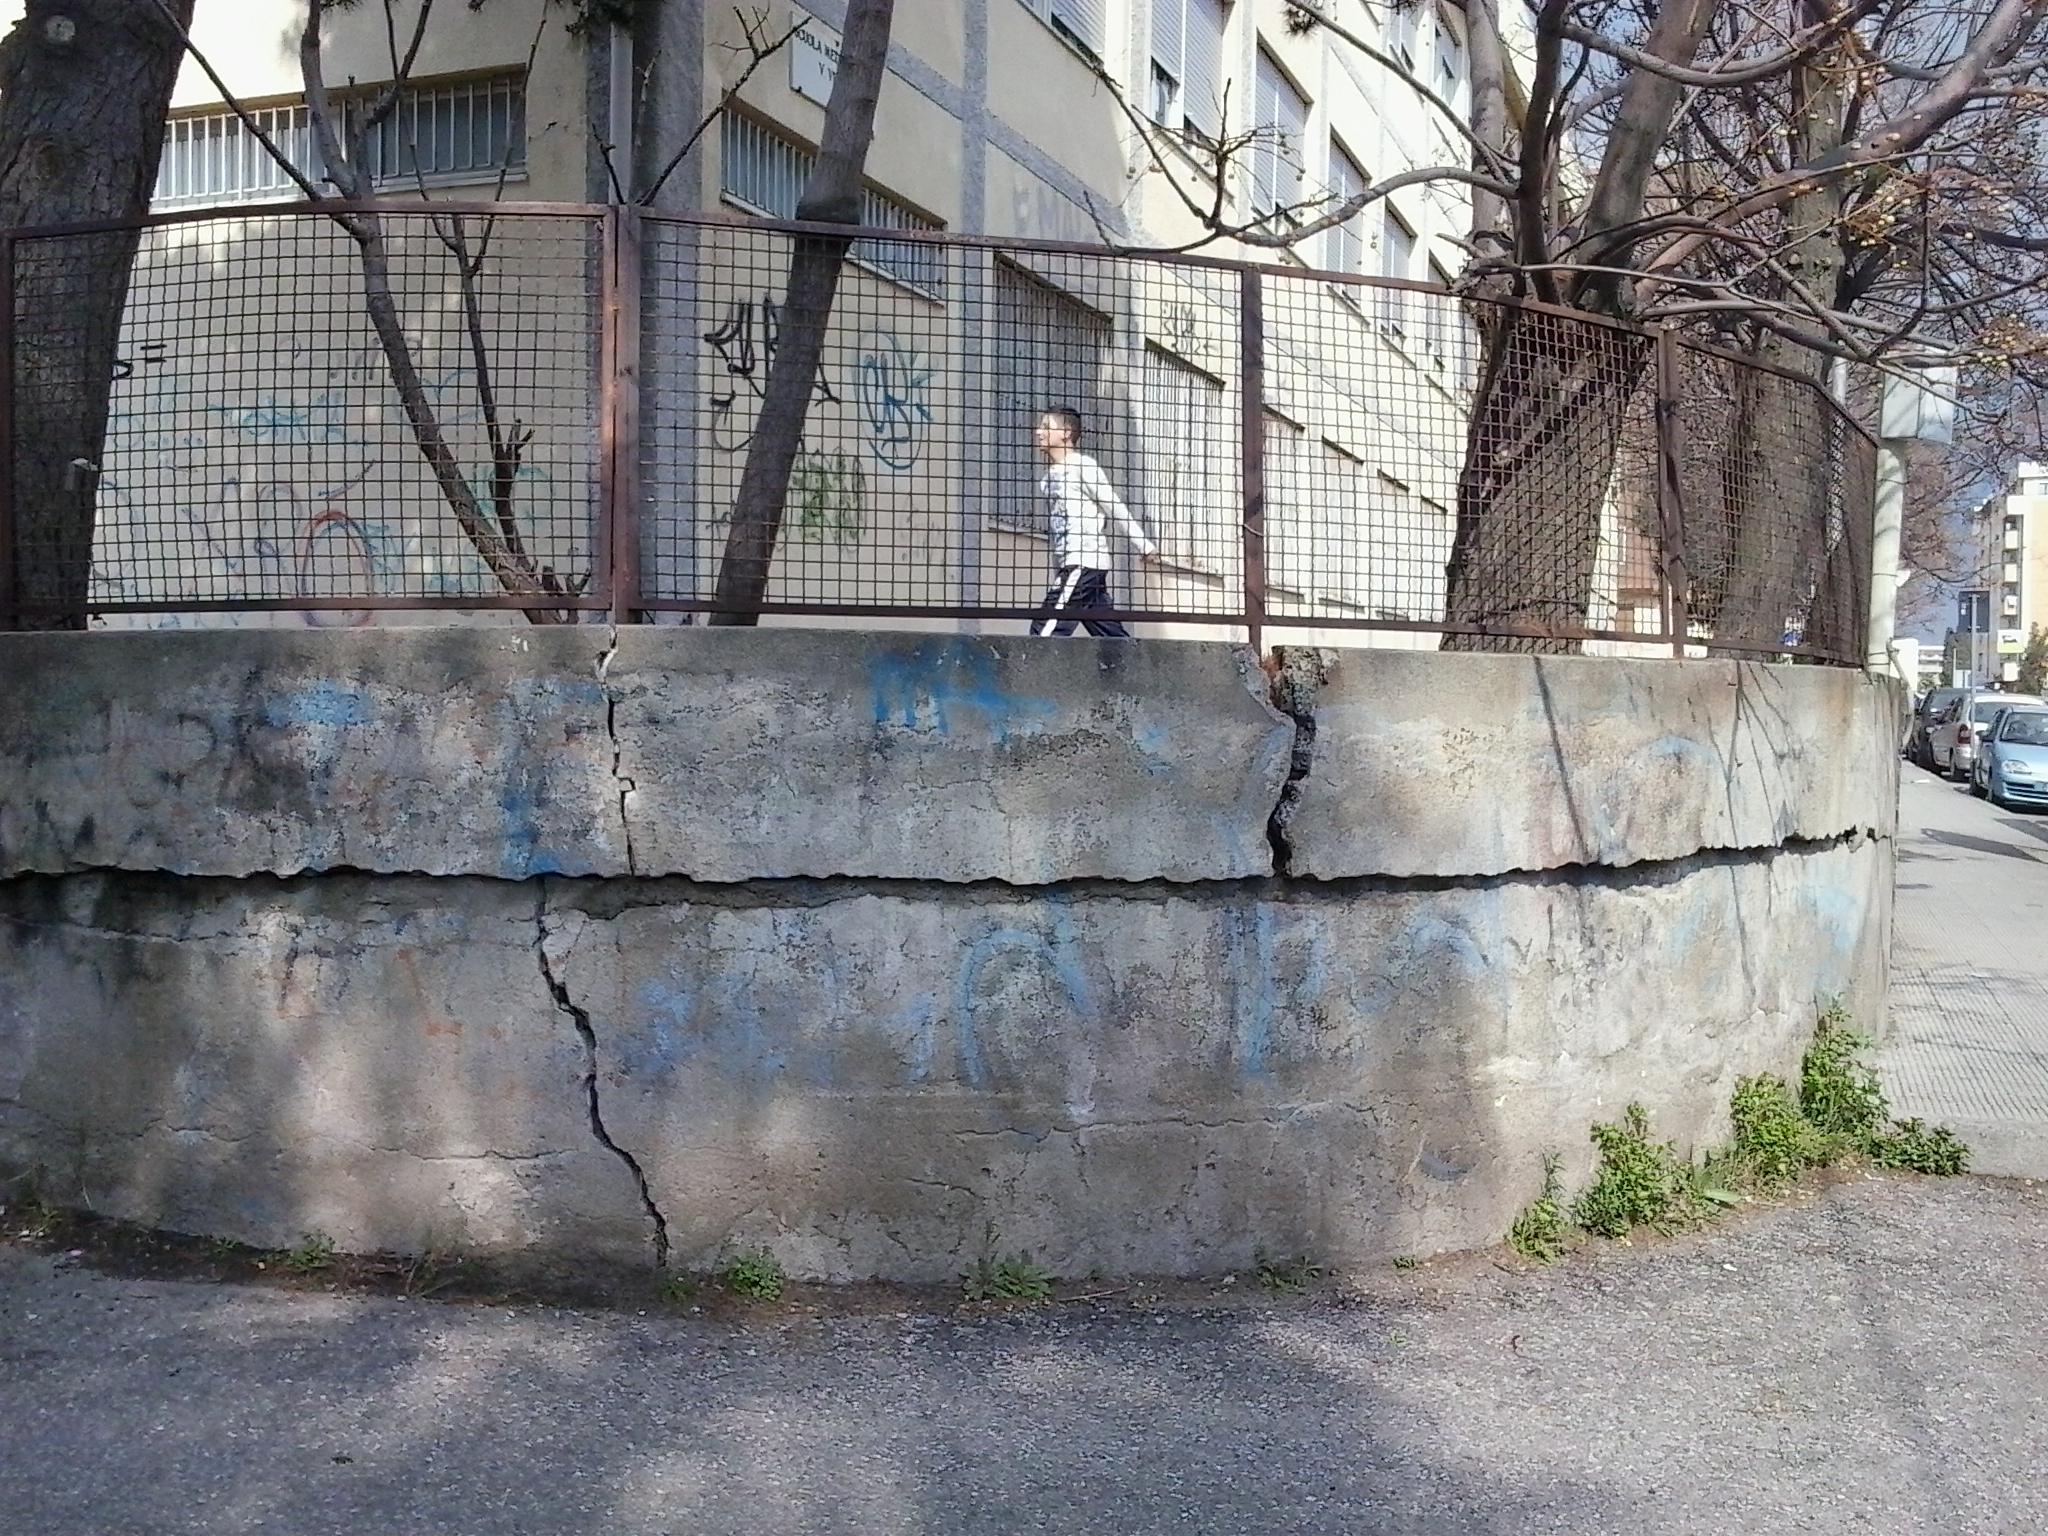 muro vivaldi